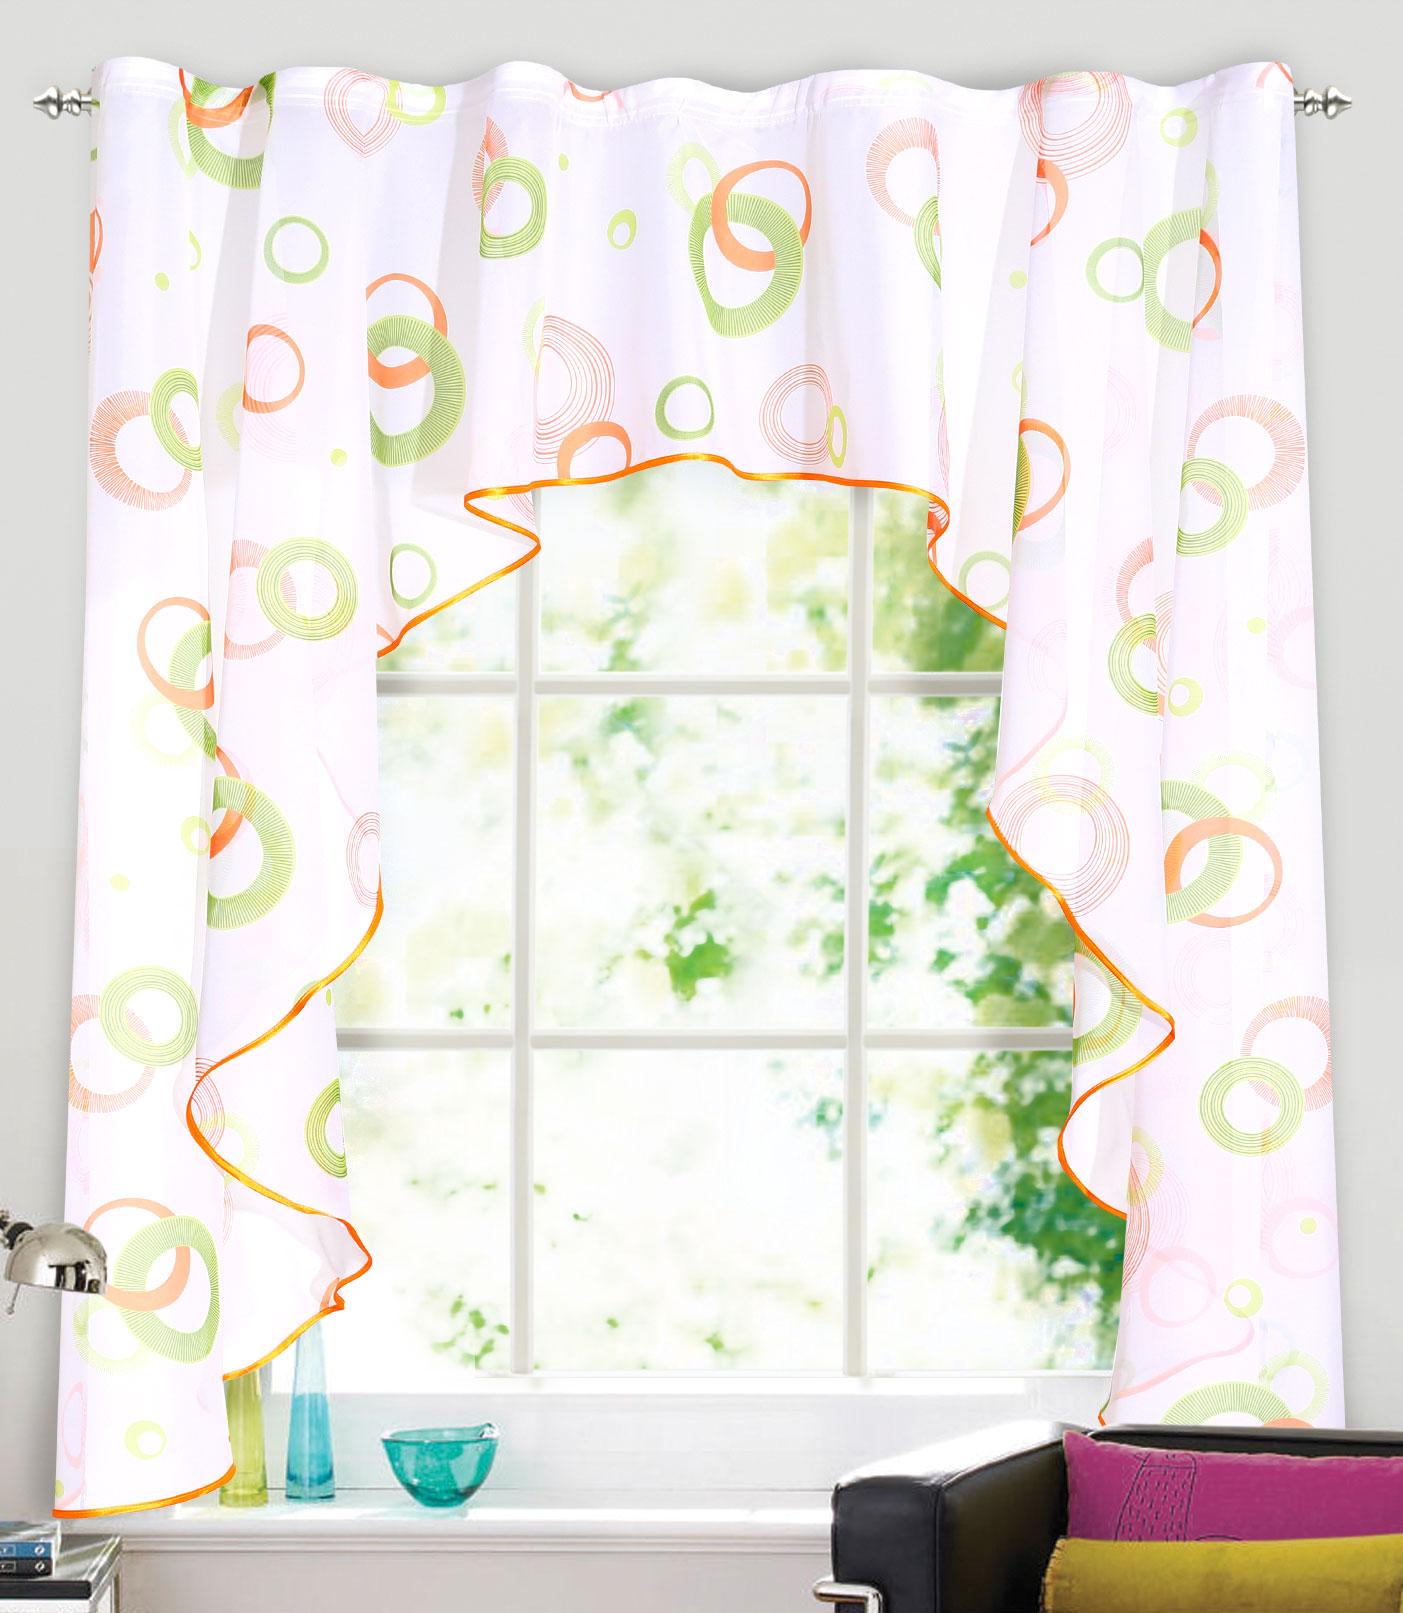 Штора Garden, на ленте, цвет: белый, высота 150 см. С 3328-W191 V6С 3328 - W191 V6Изящная штора Garden выполнена из ткани вуаль с печатным рисунком. Приятная цветоваягамма, привлечет к себе внимание и органично впишутся в интерьер помещения. Штора крепится на карниз при помощи ленты, которая поможет красиво и равномернозадрапировать верх.